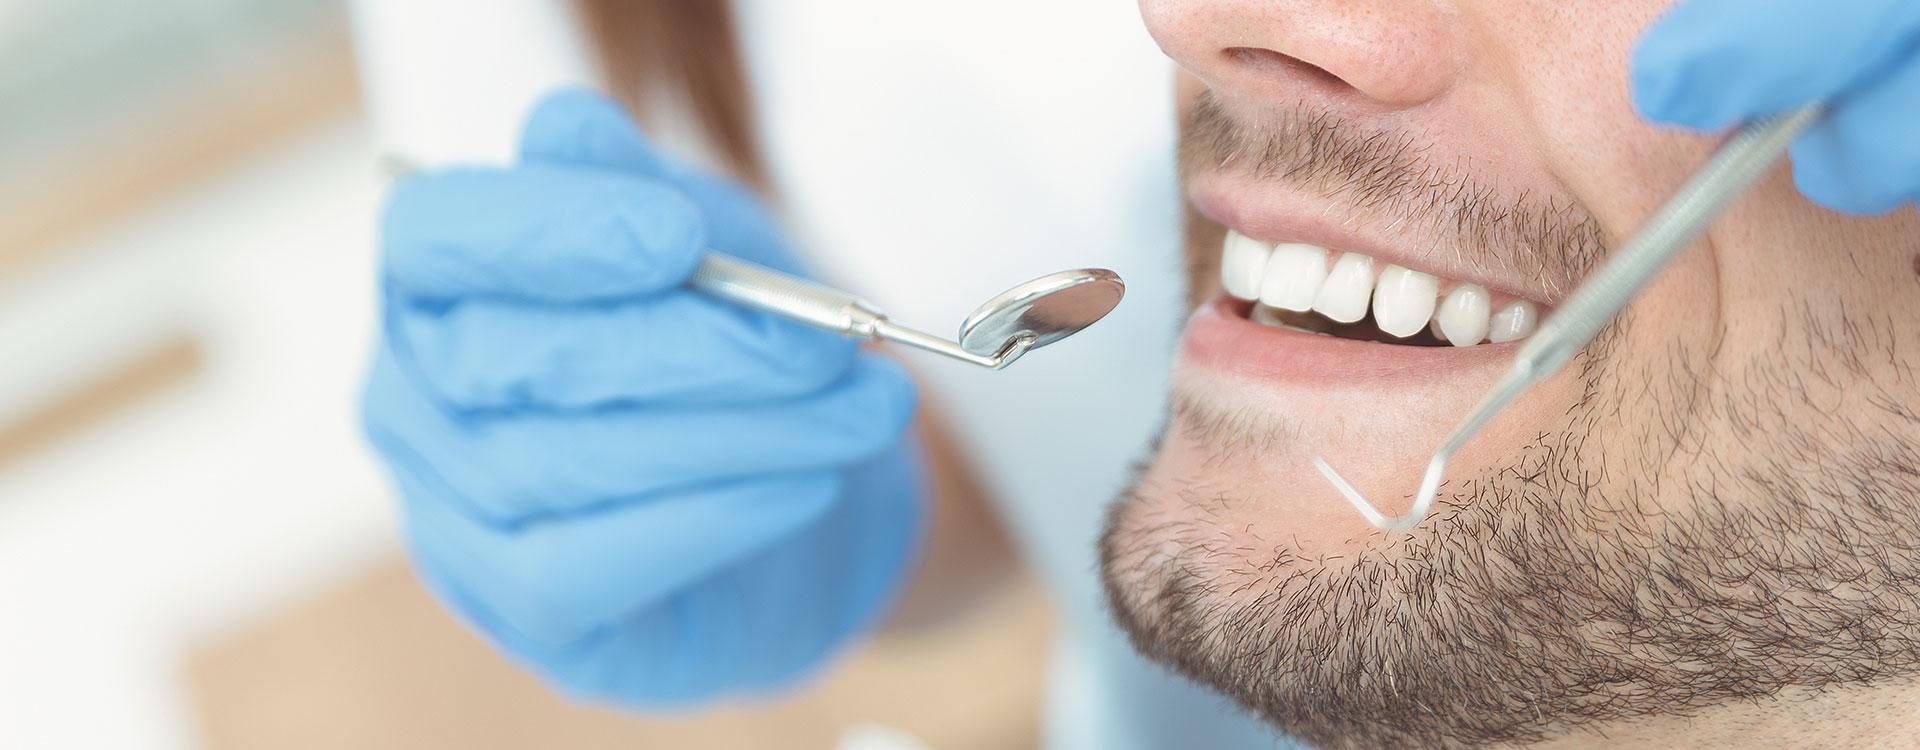 dentist dentiste